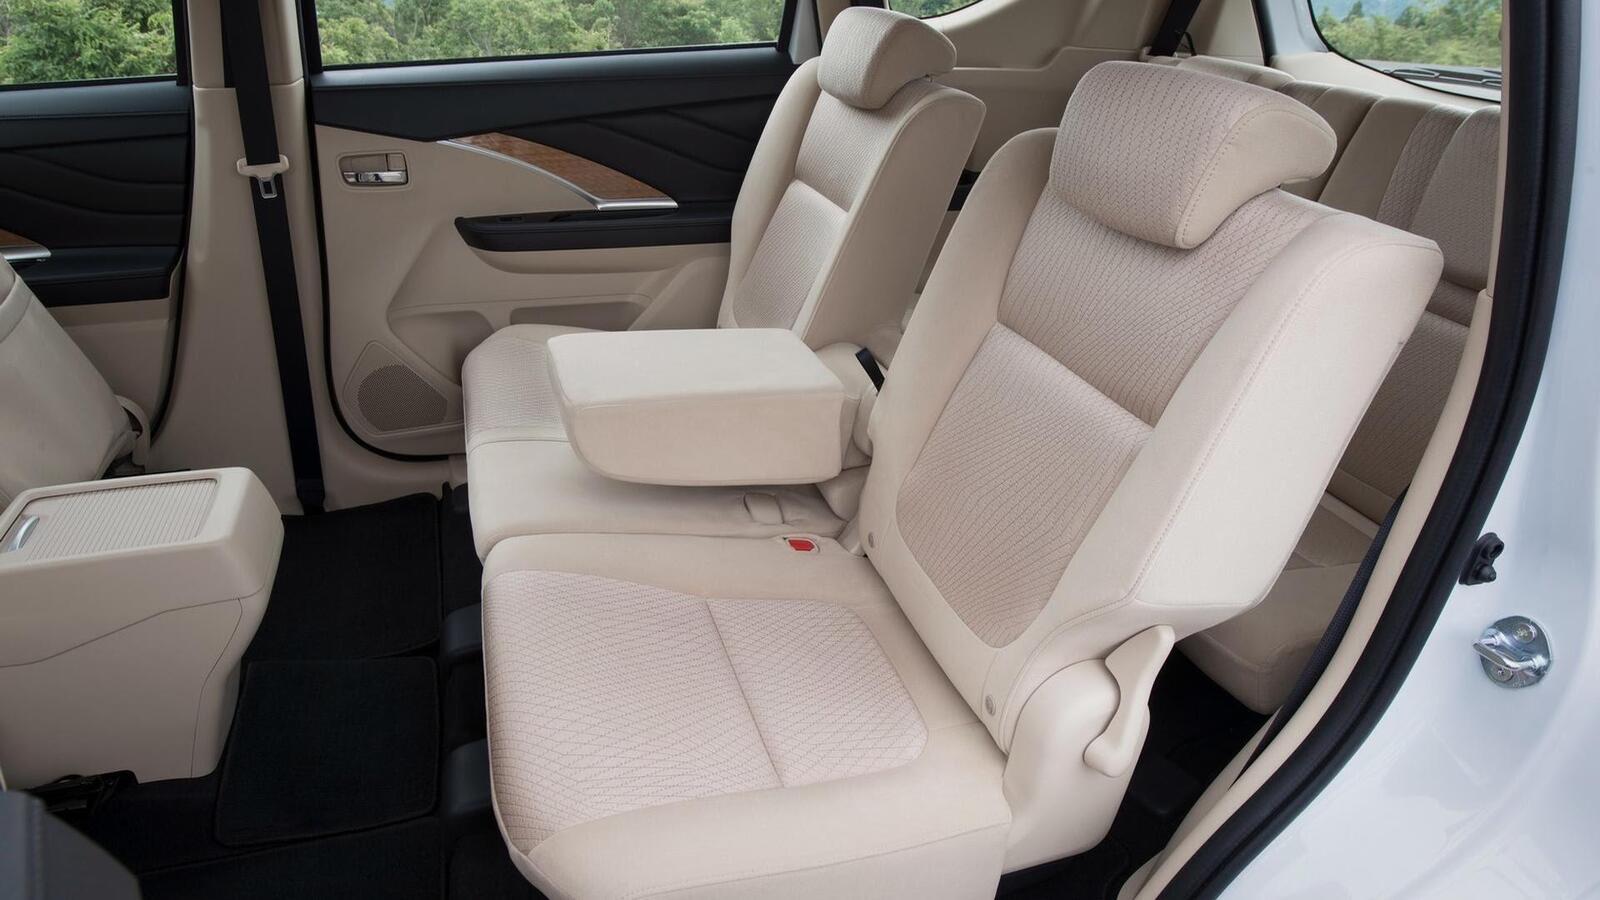 Rò rỉ hình ảnh Mitsubishi Xpander 2018 chạy thử tại Việt Nam - Hình 8